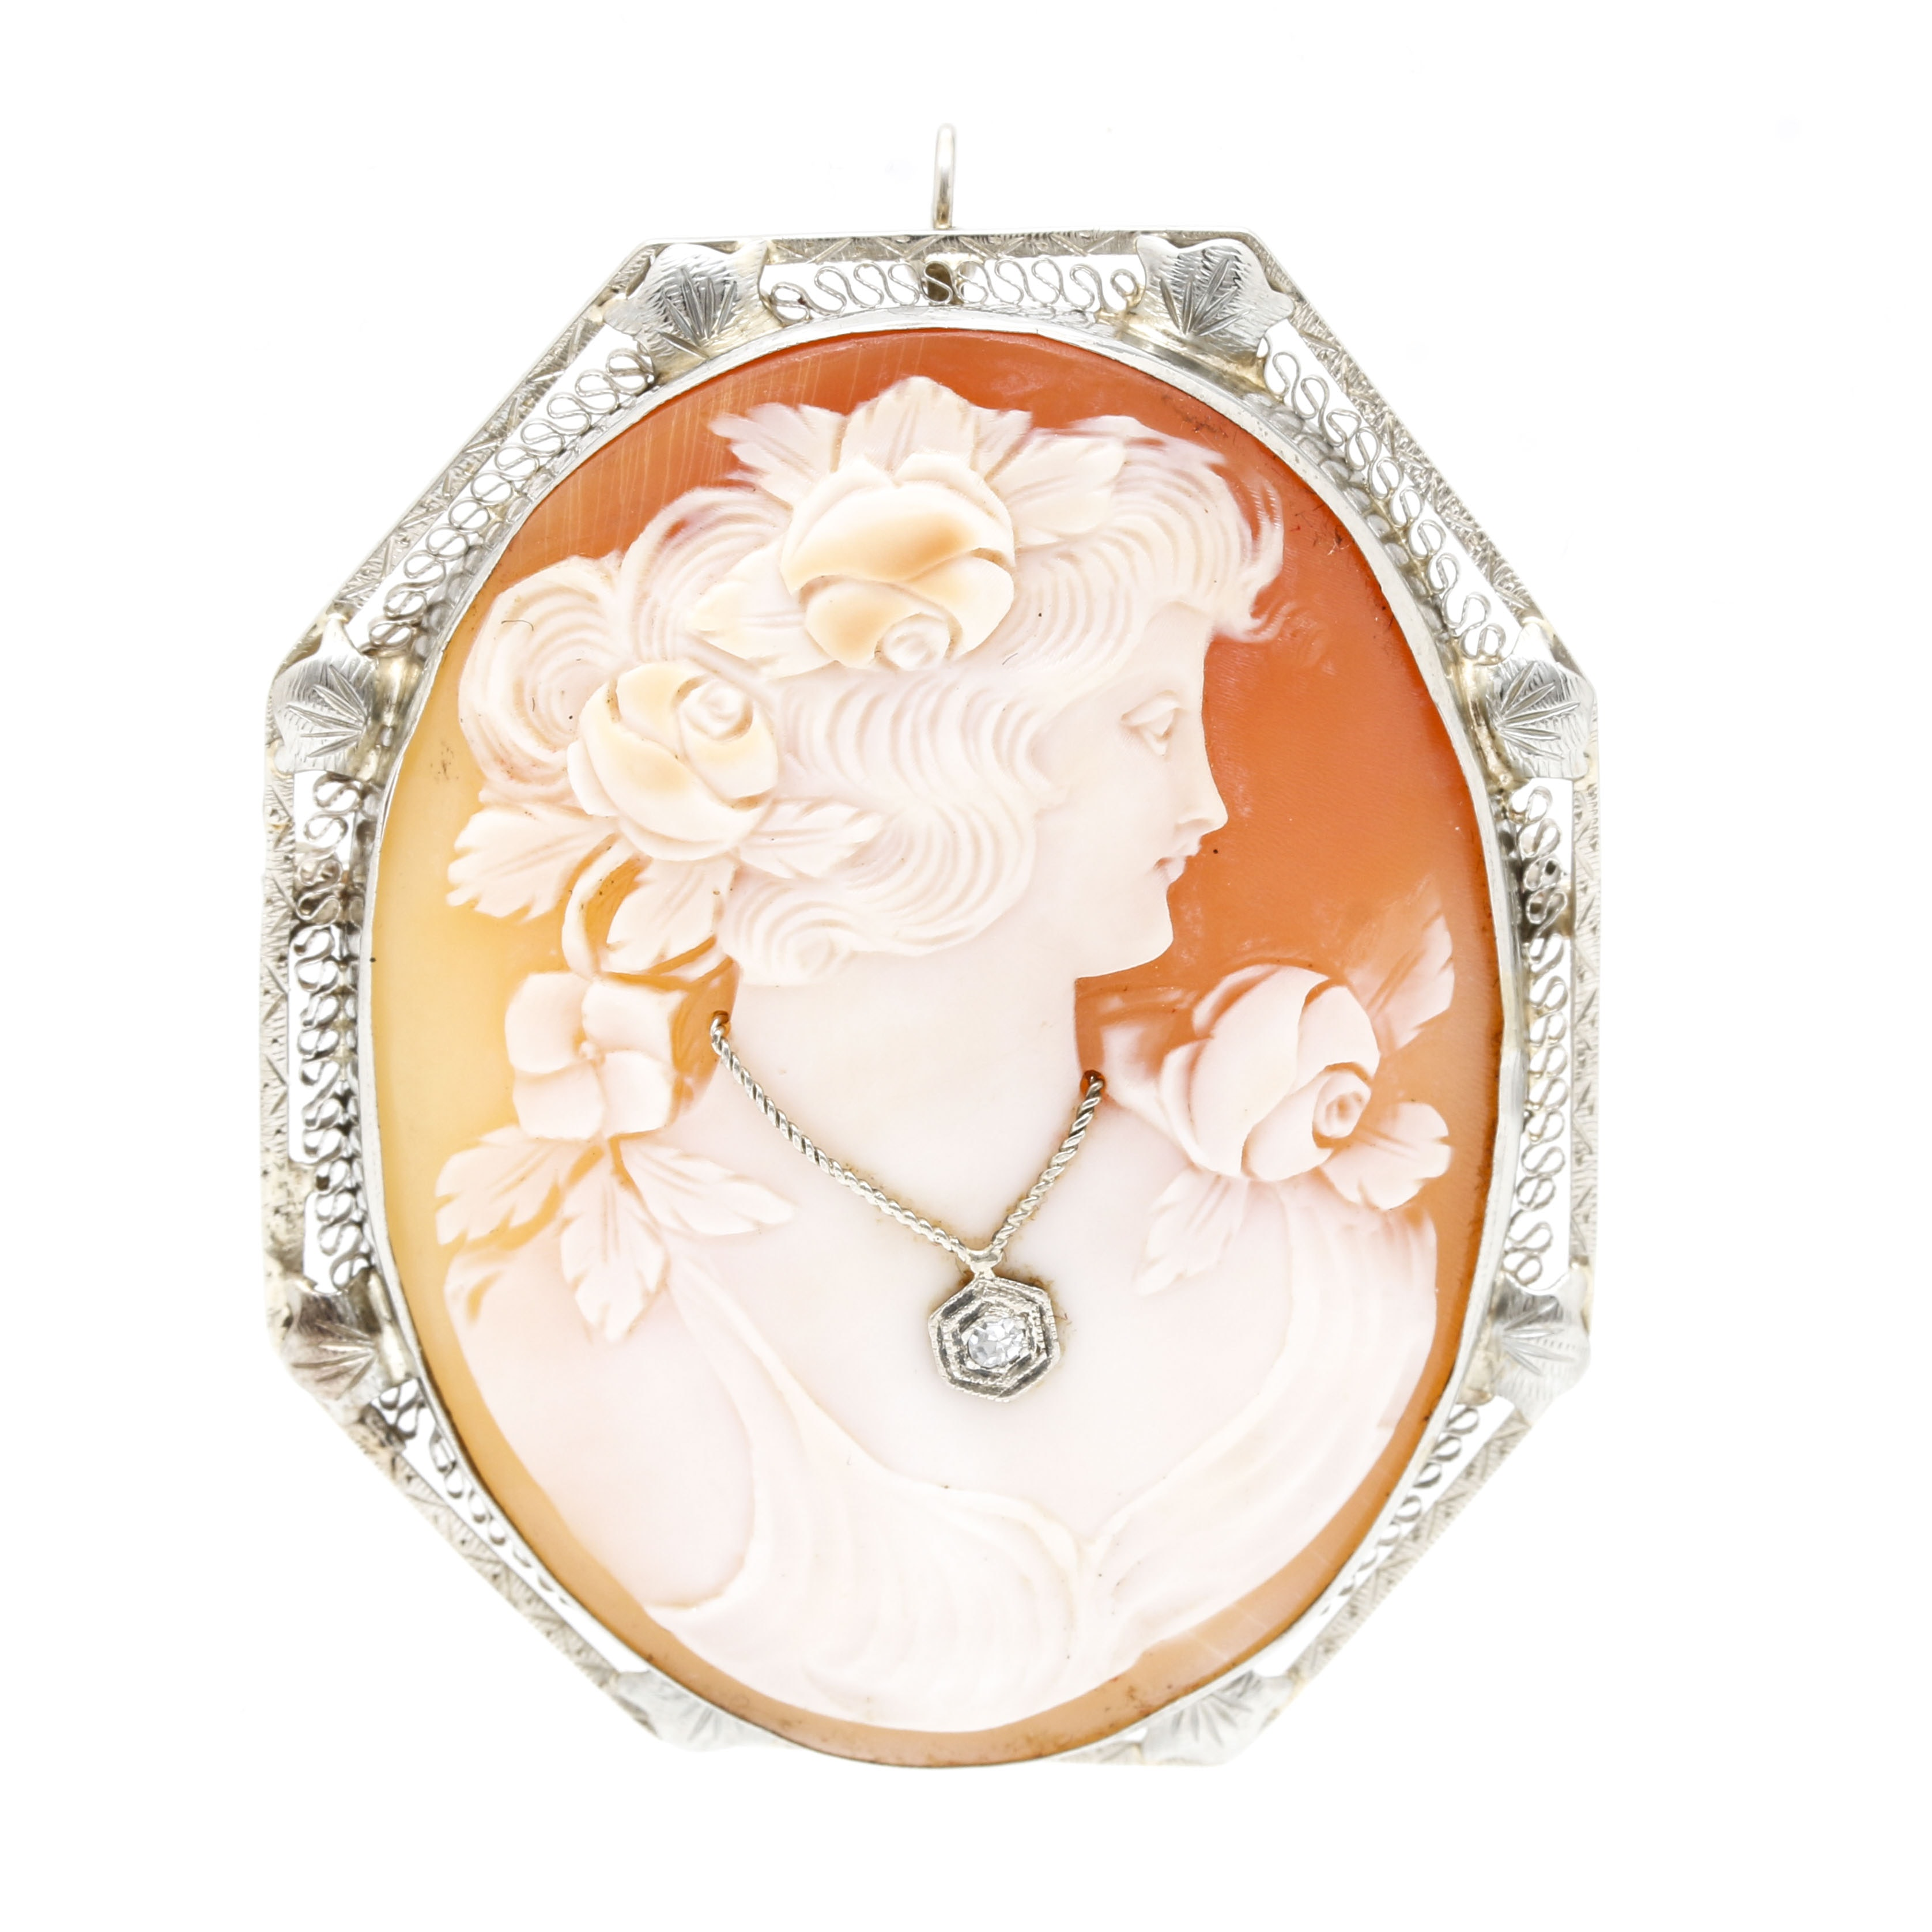 14K White Gold Diamond Cameo Habille Helmet Shell Converter Brooch